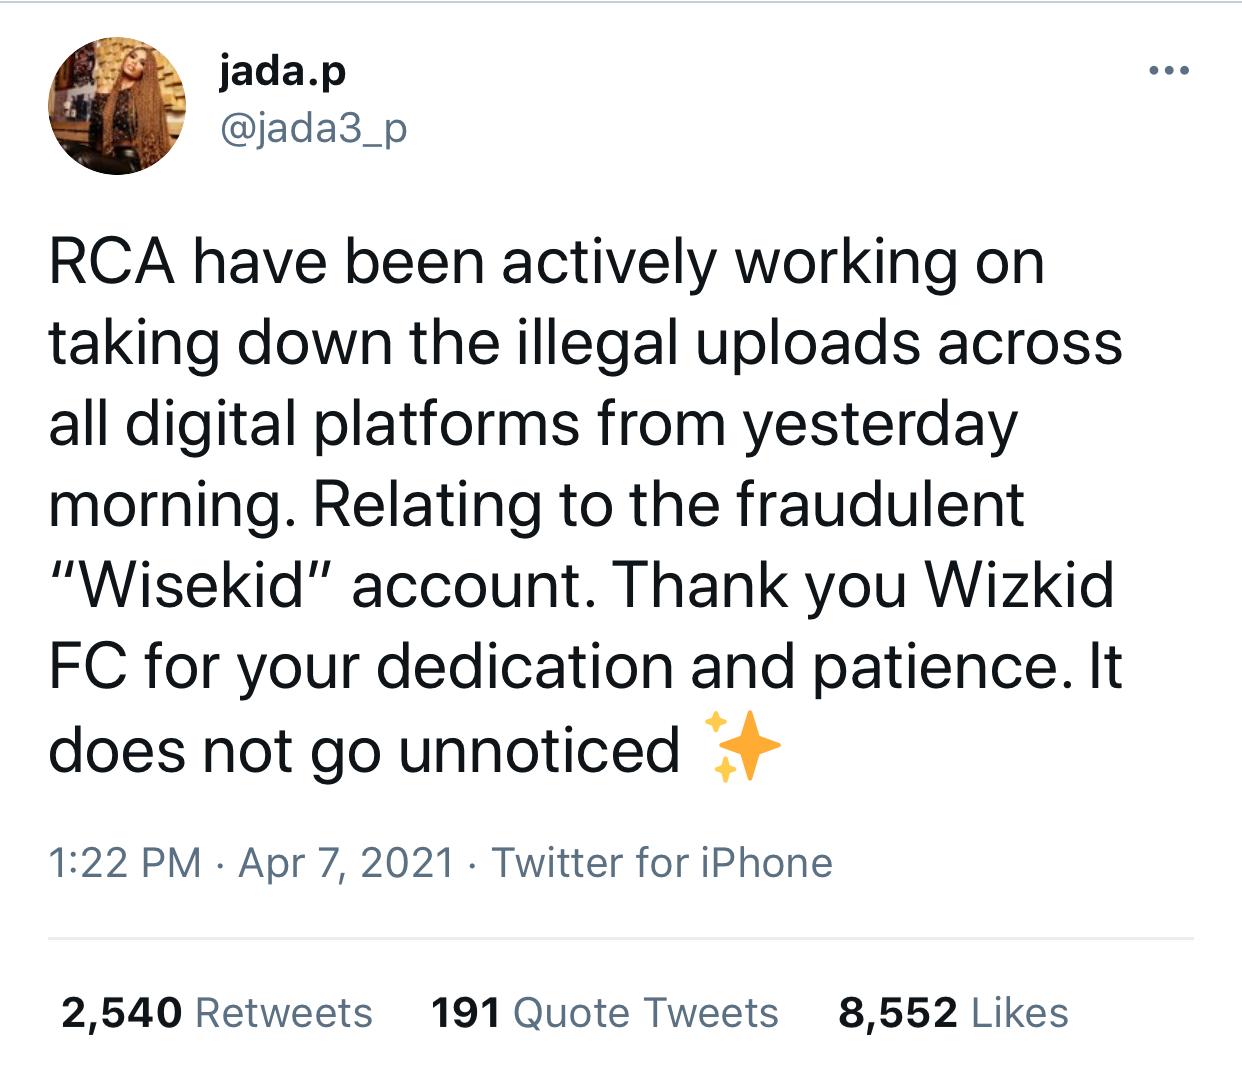 Wisekid Wizkid Scam: Jada Pollock reacts after being slammed